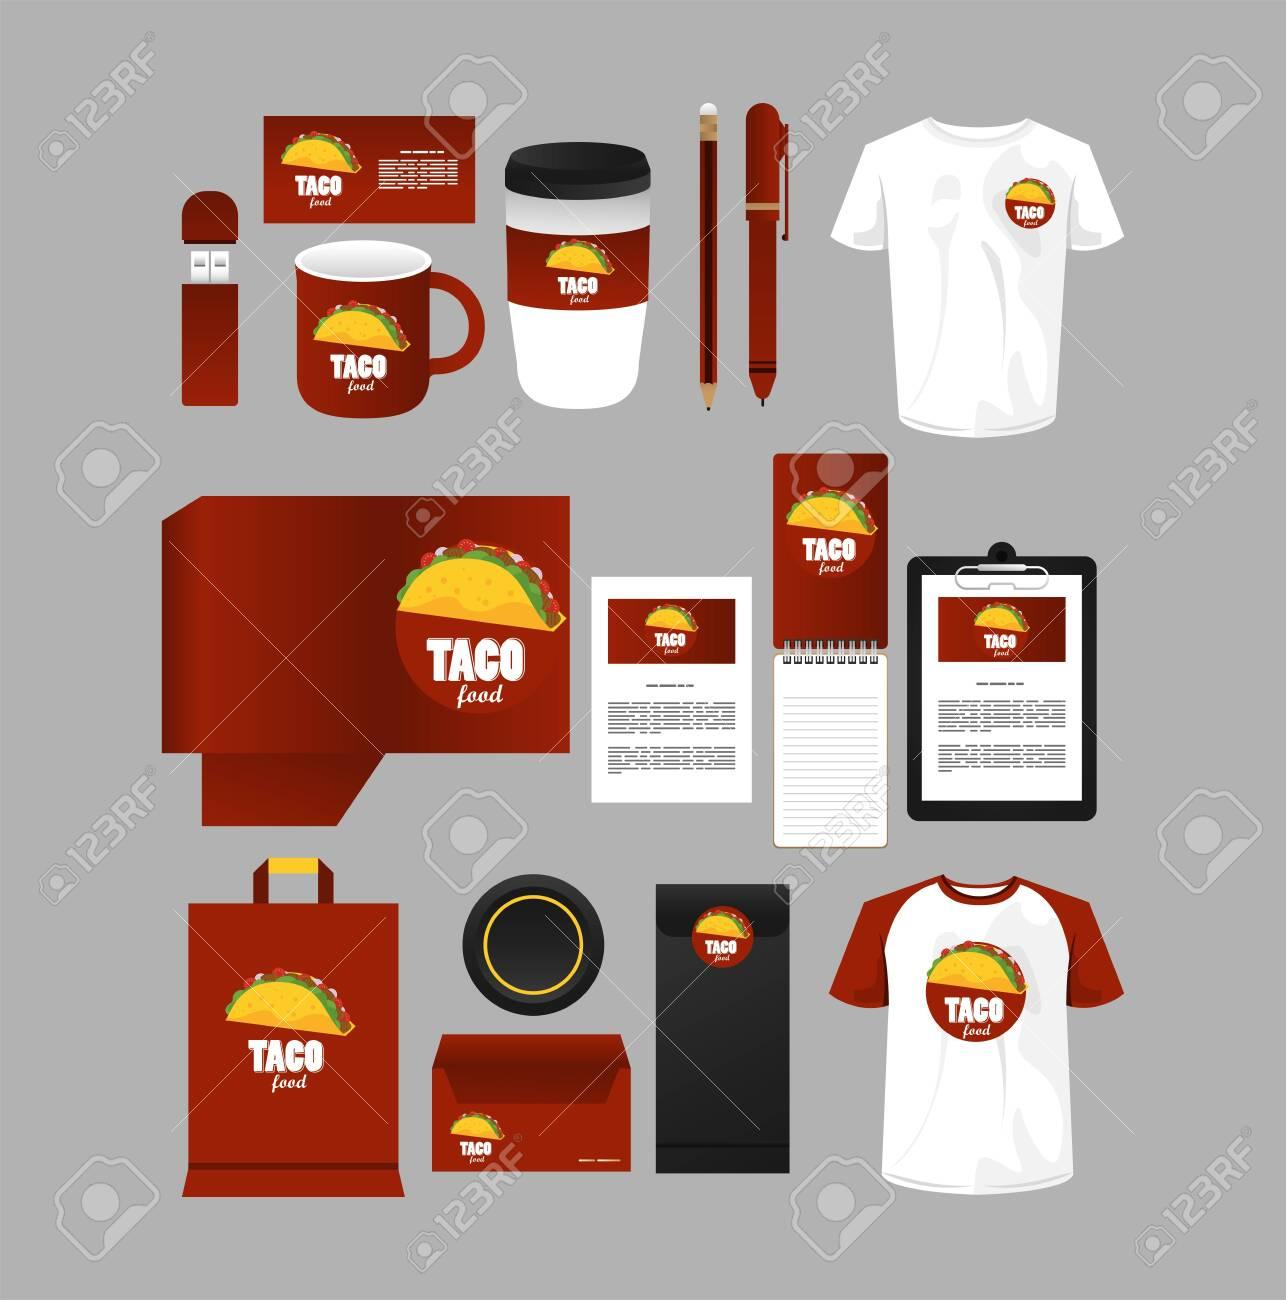 bundle of mexican food mockup elements branding vector illustration design - 157960713